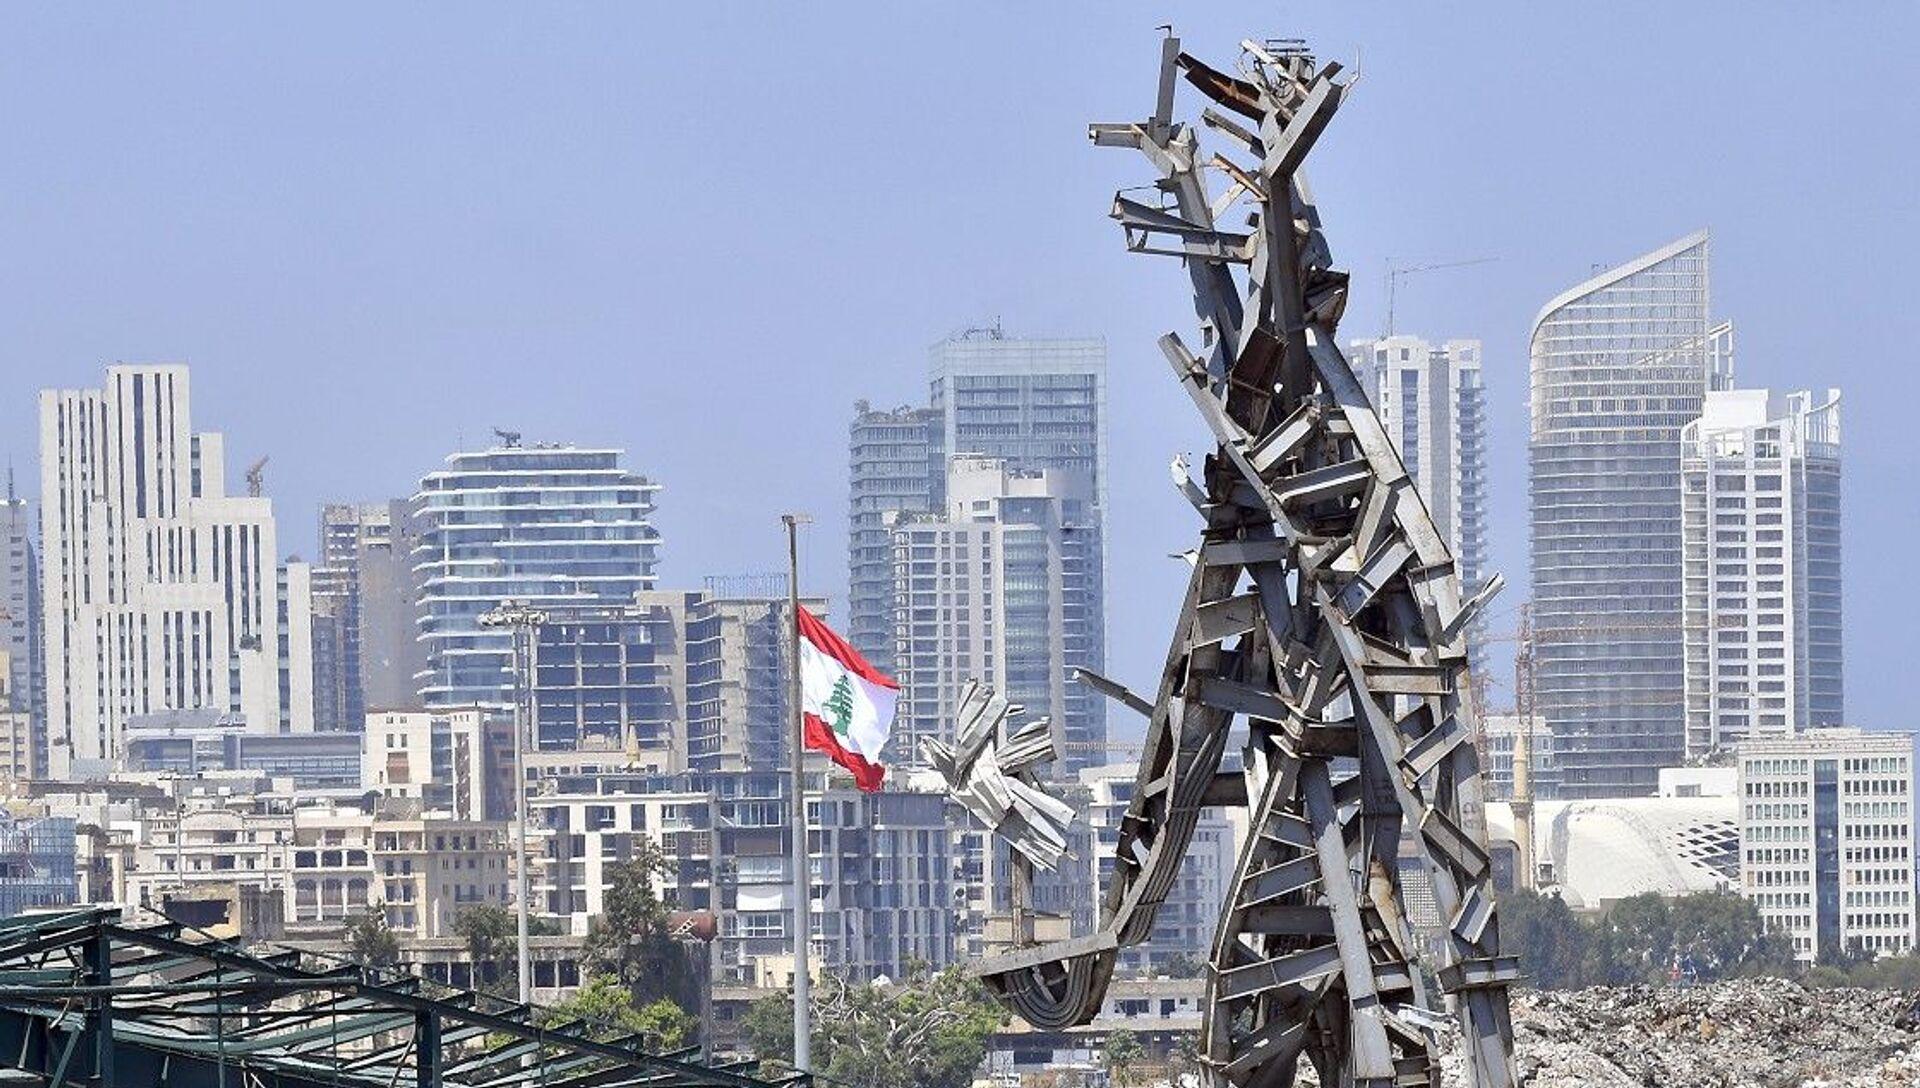 Beyrut Limanı'nda bir yıl önce meydana gelen patlamanın metal kalıntılarından anıt inşa edildi - Sputnik Türkiye, 1920, 03.08.2021